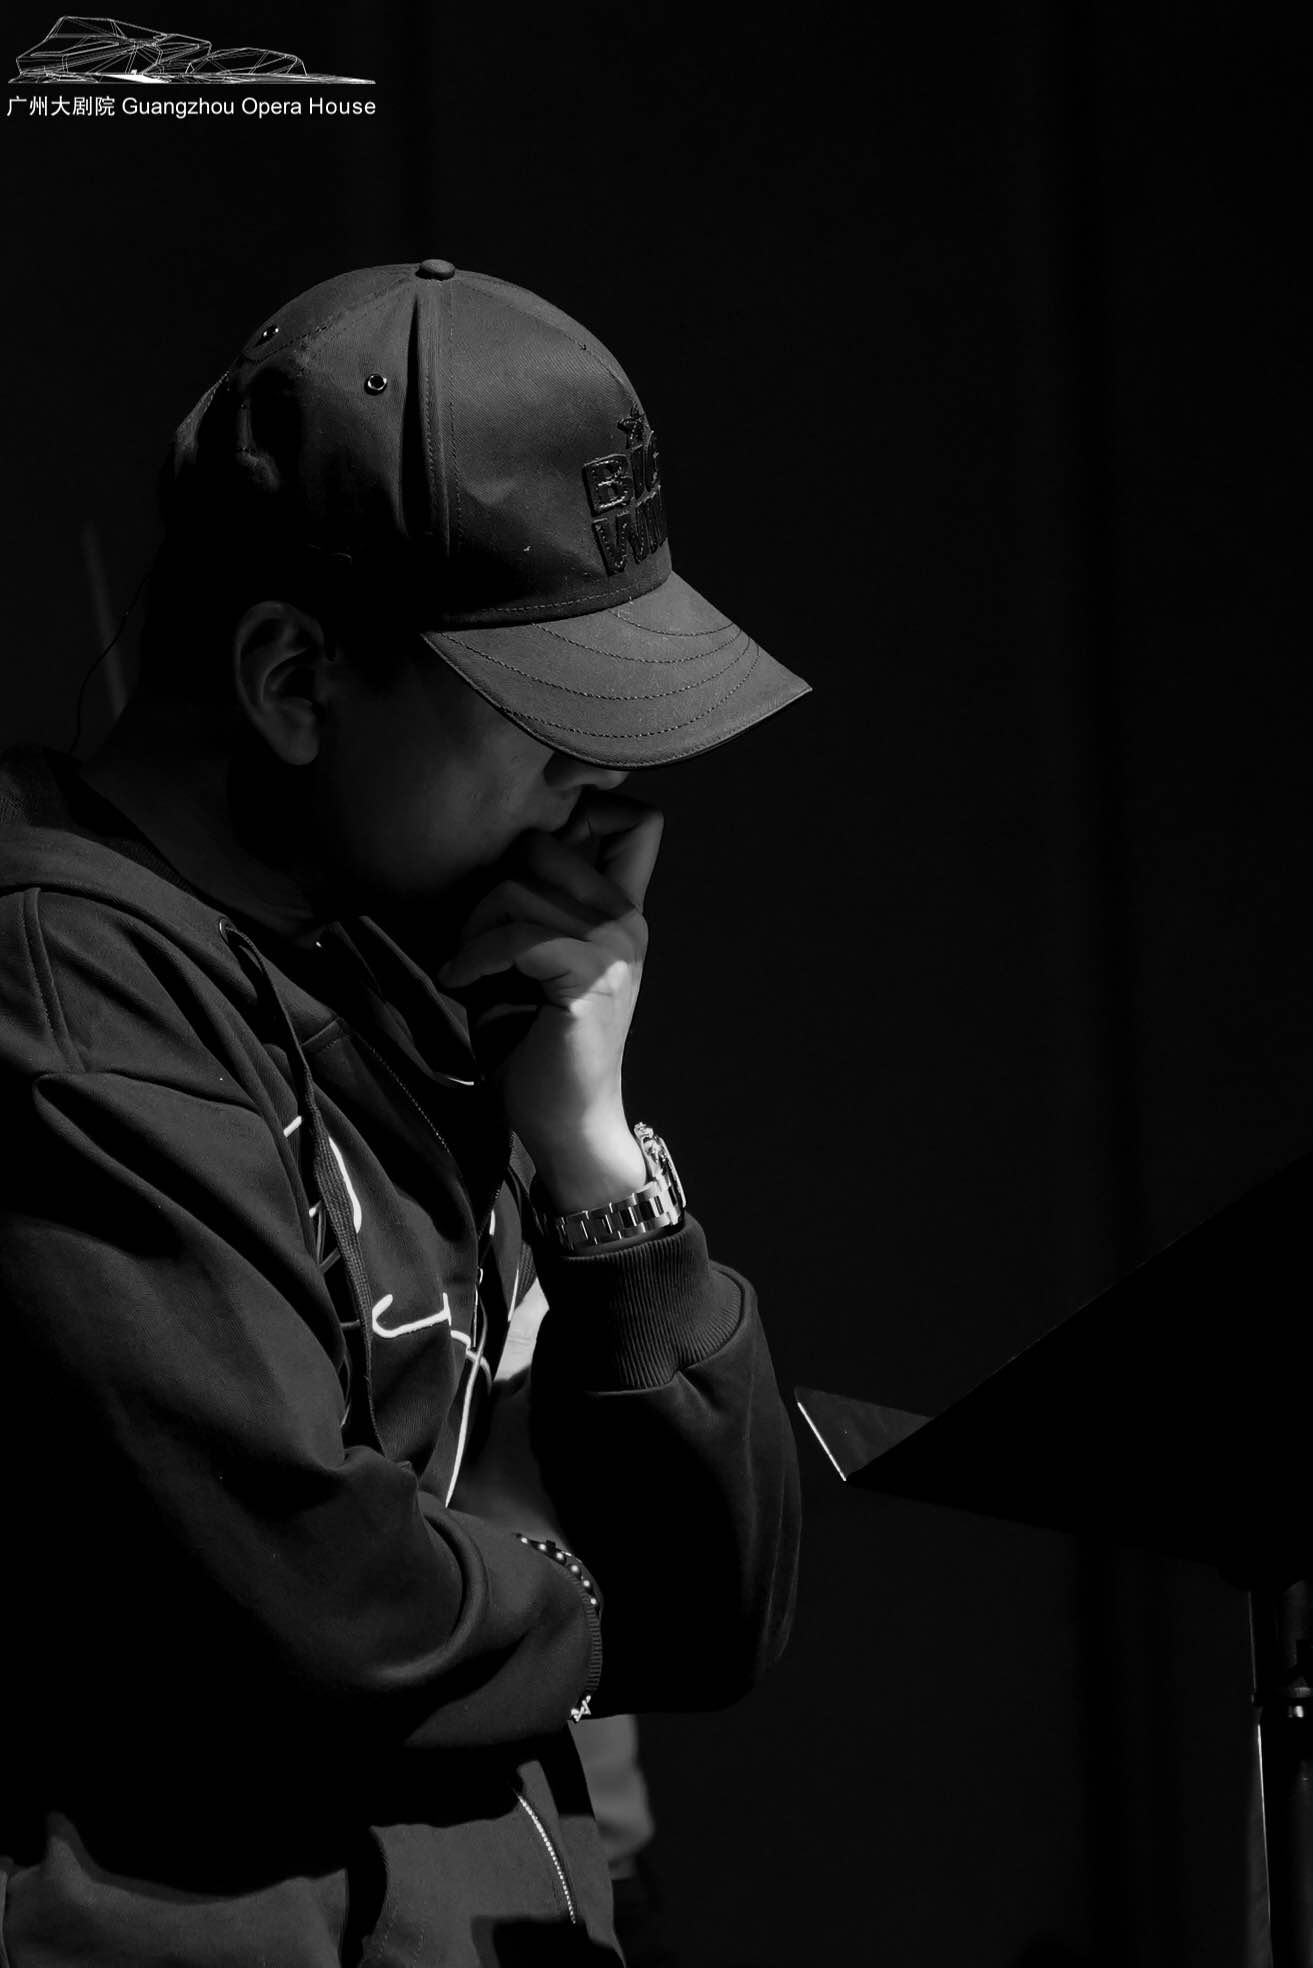 王耀庆百变演绎交响乐剧《培尔·金特》 新综艺助力复工复产